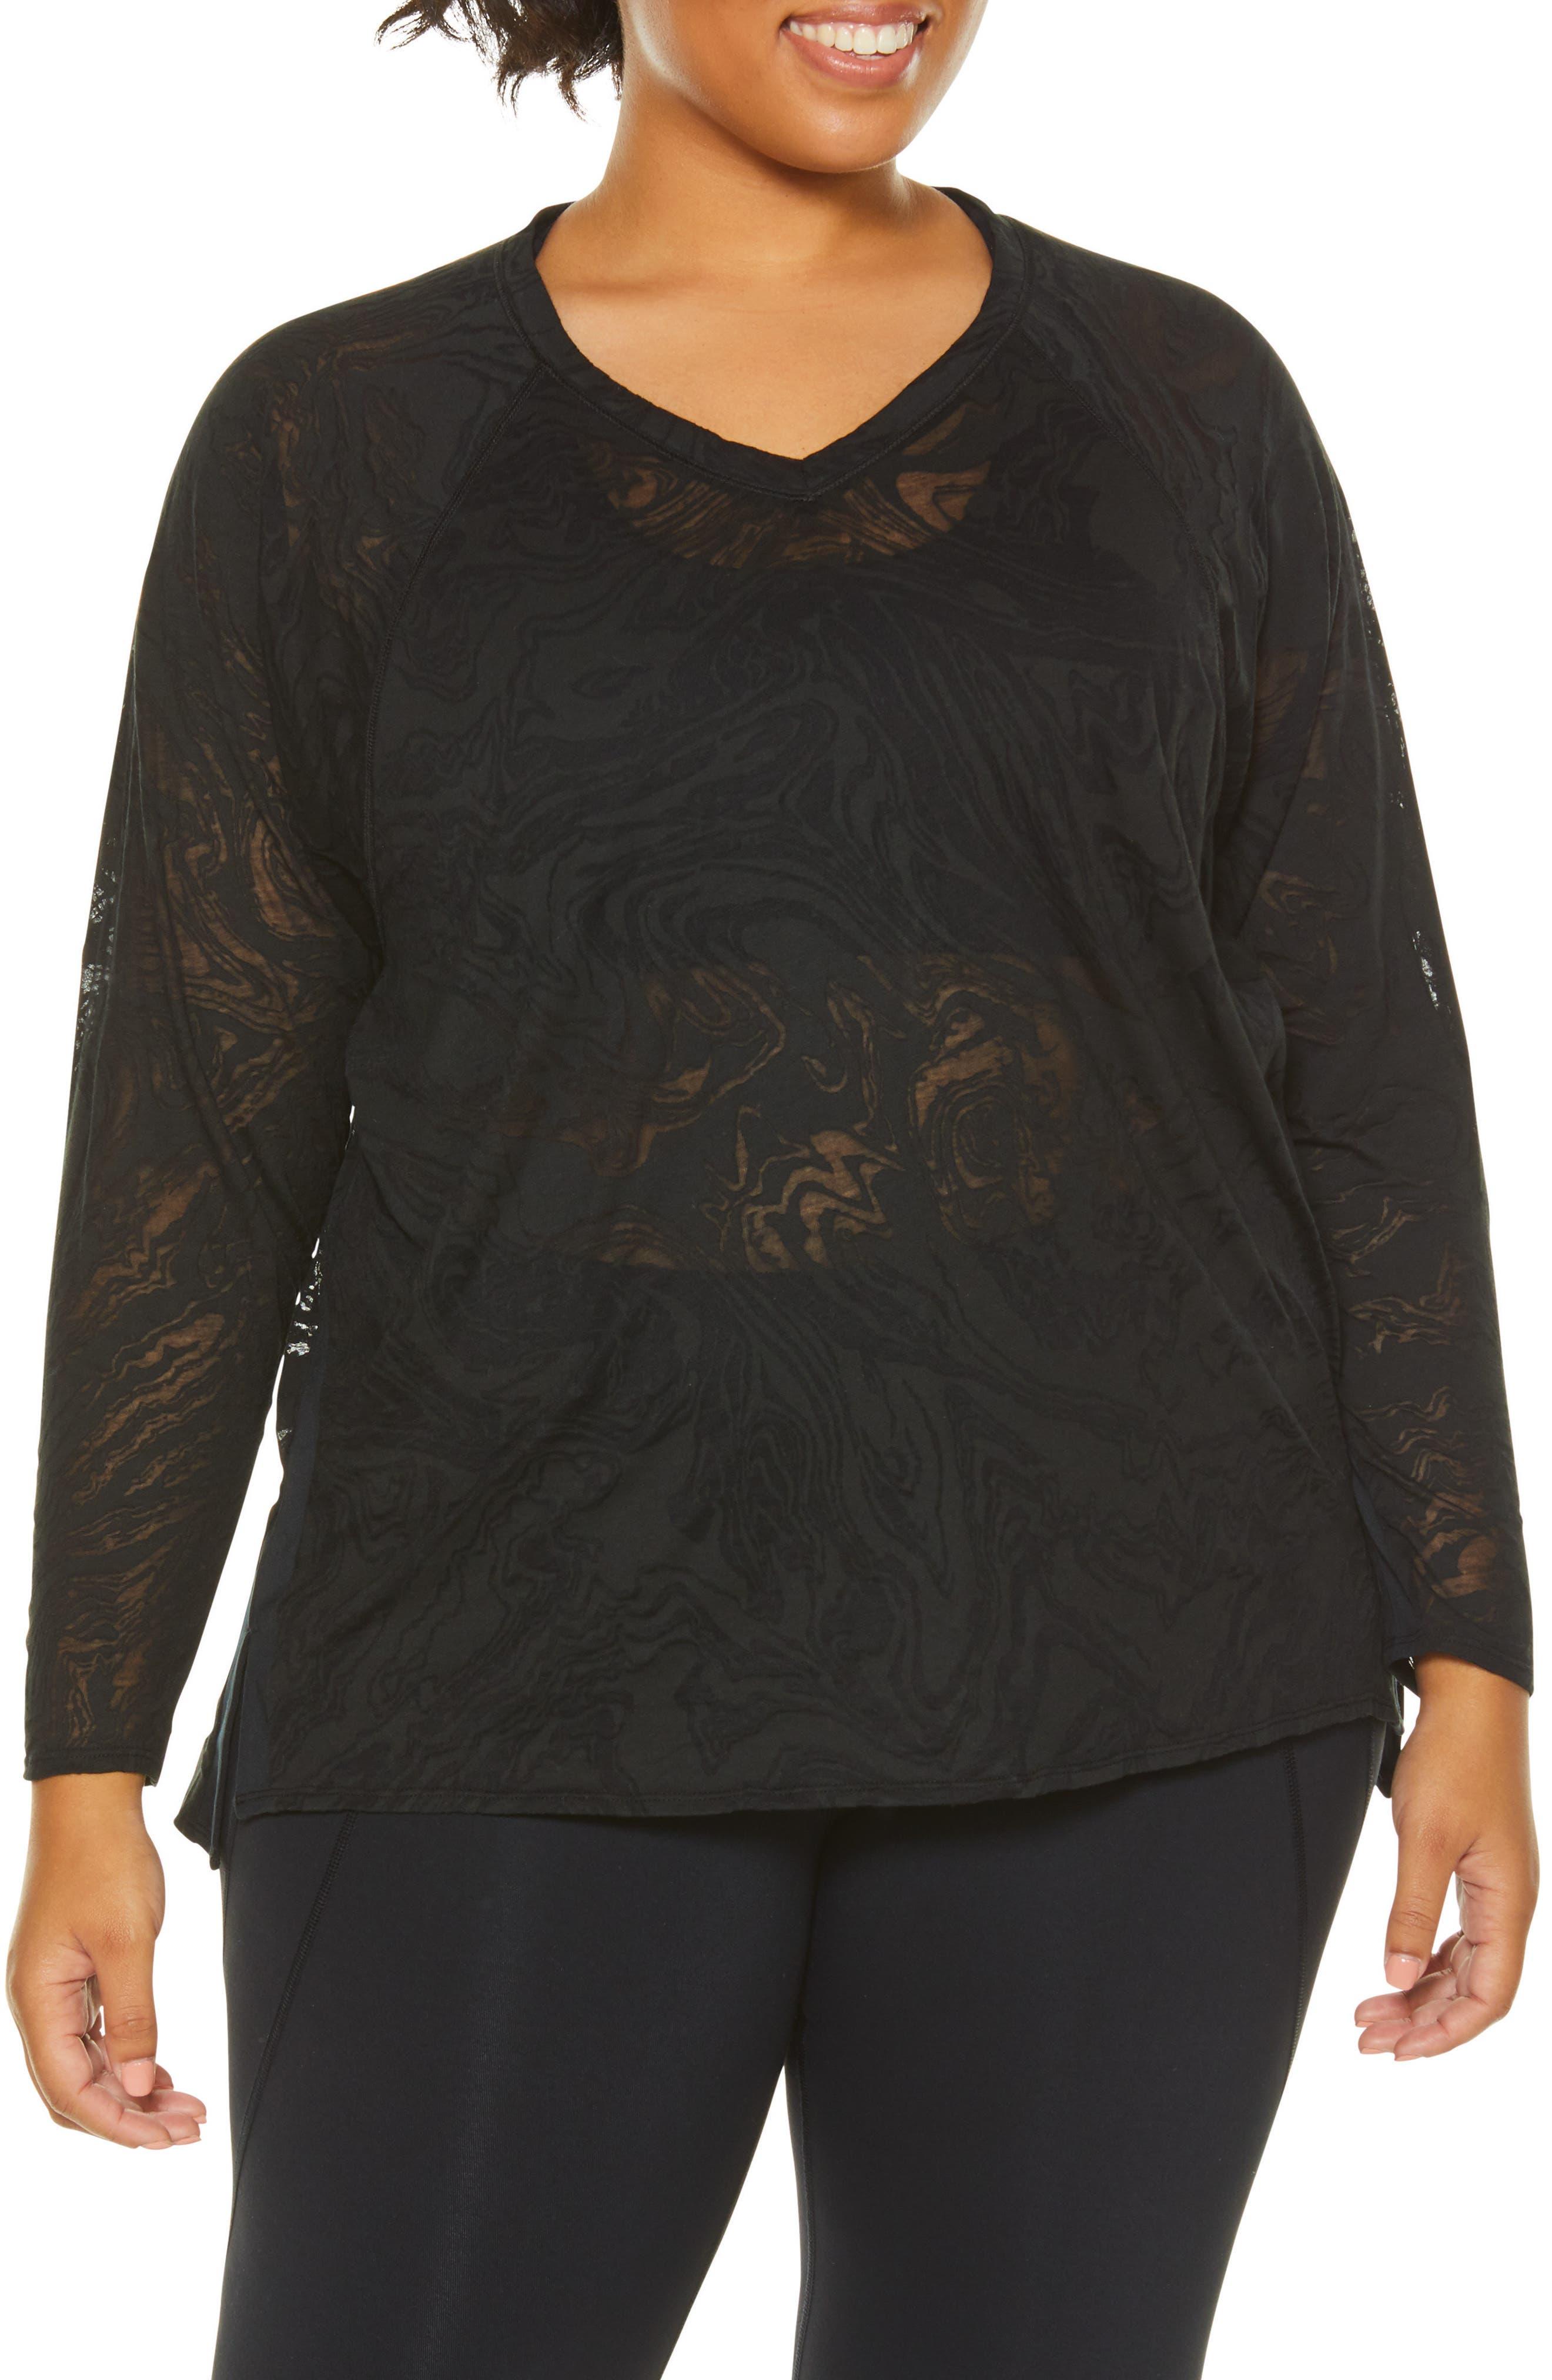 Plus Size Shape Activewear Burnout Tee, Black